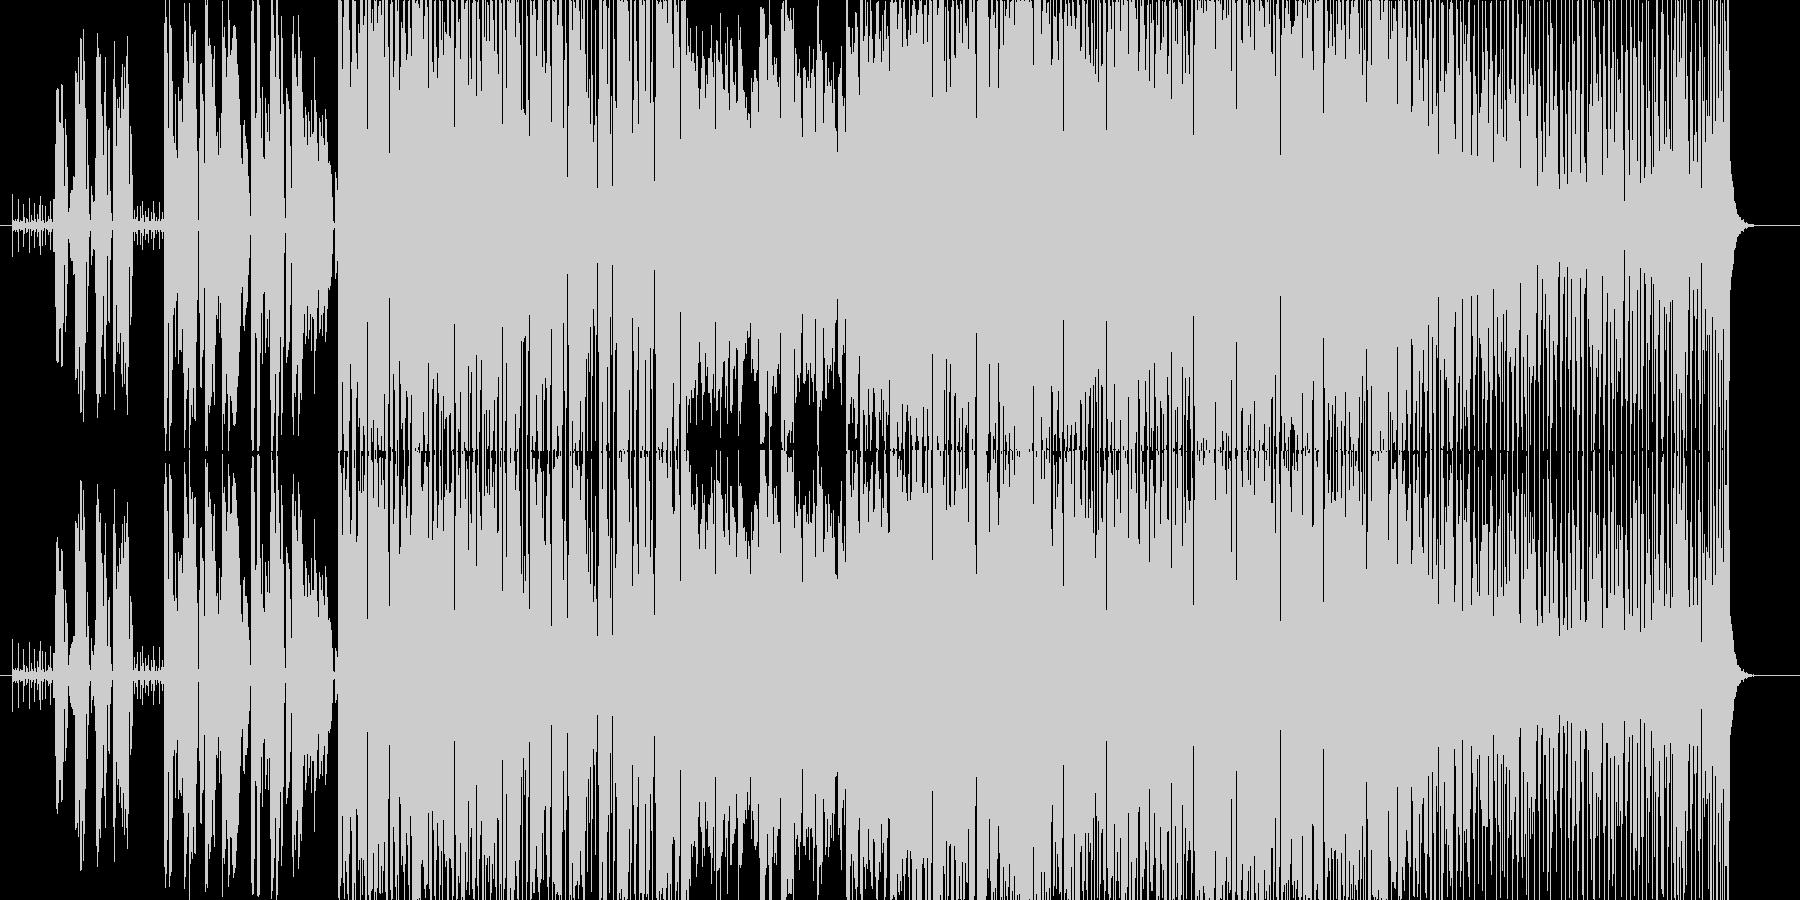 trippin'の未再生の波形